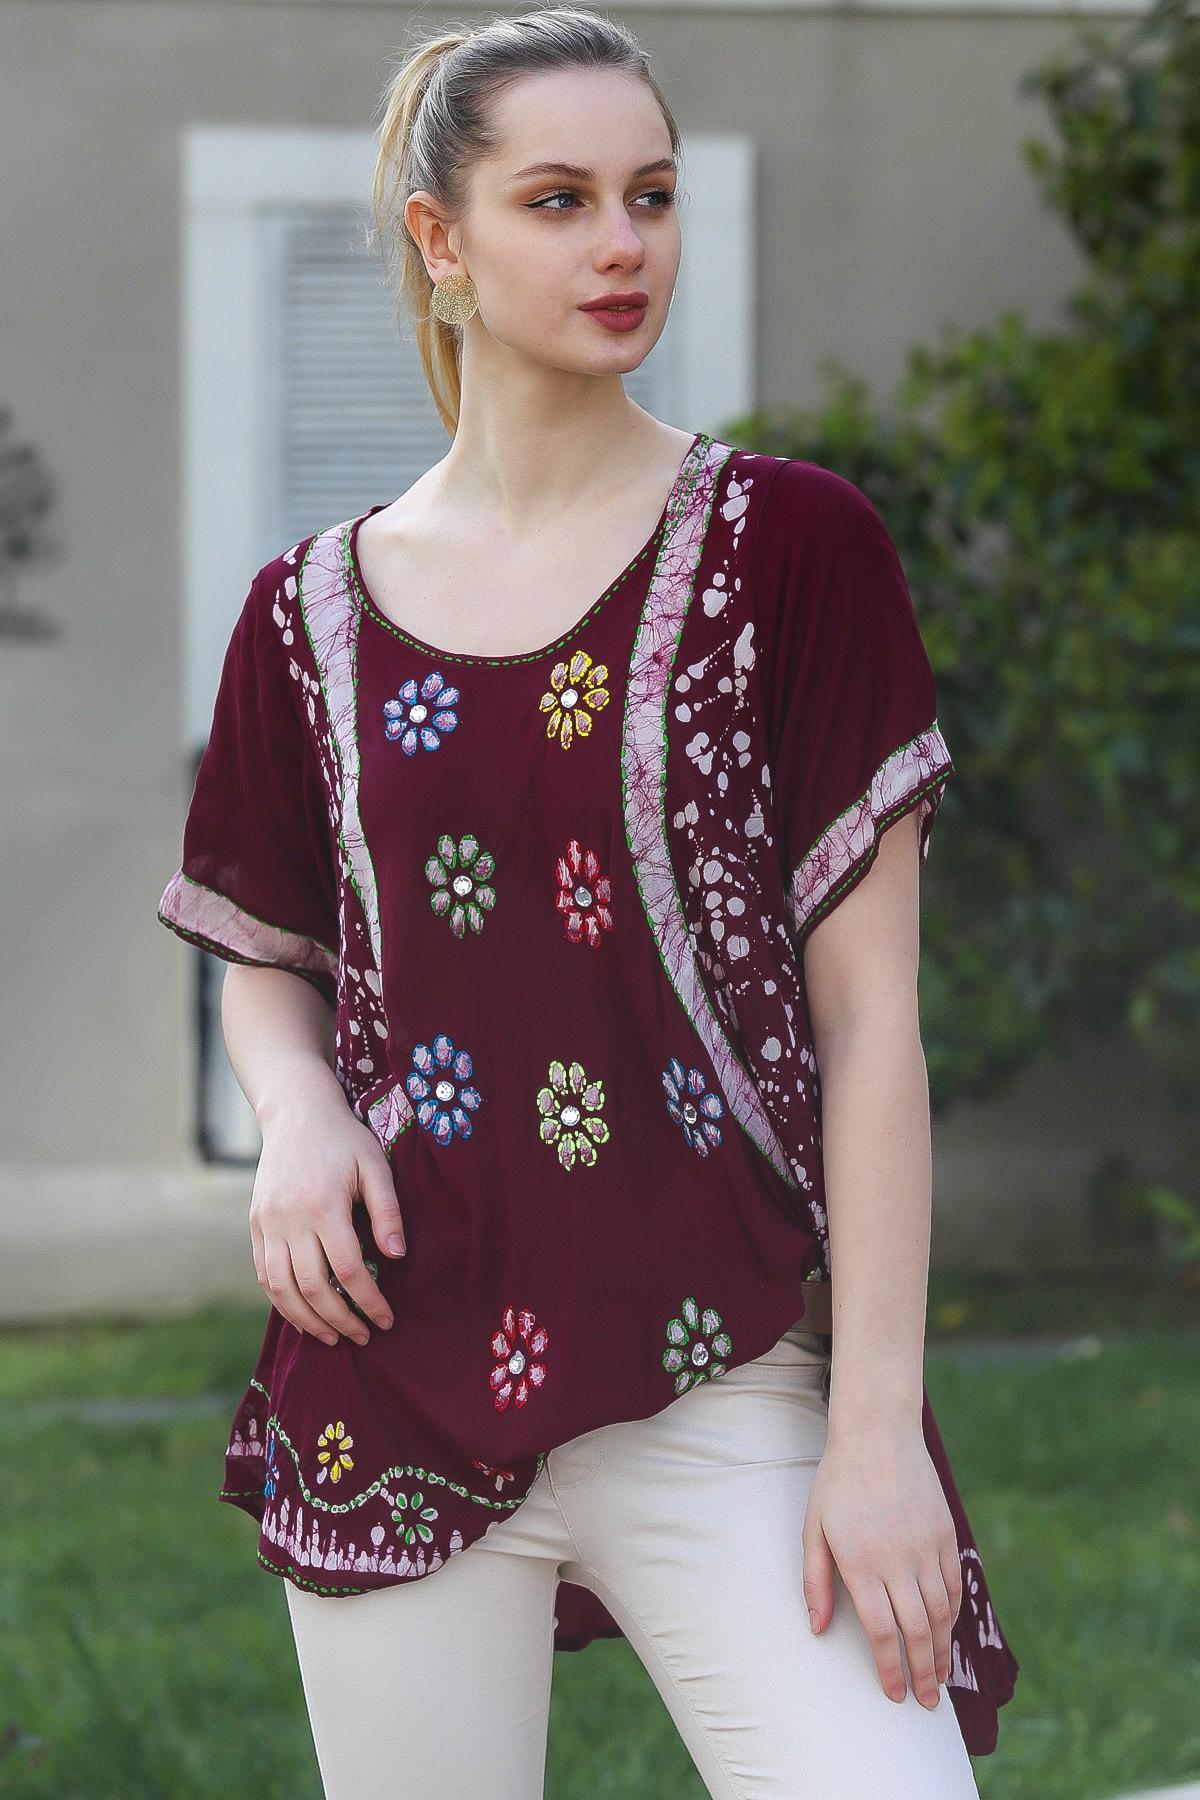 Chiccy Kadın Mürdüm U Yaka Çiçek Nakışlı Batik Desenli Salaş Tunik Bluz M10010200BL95380 1